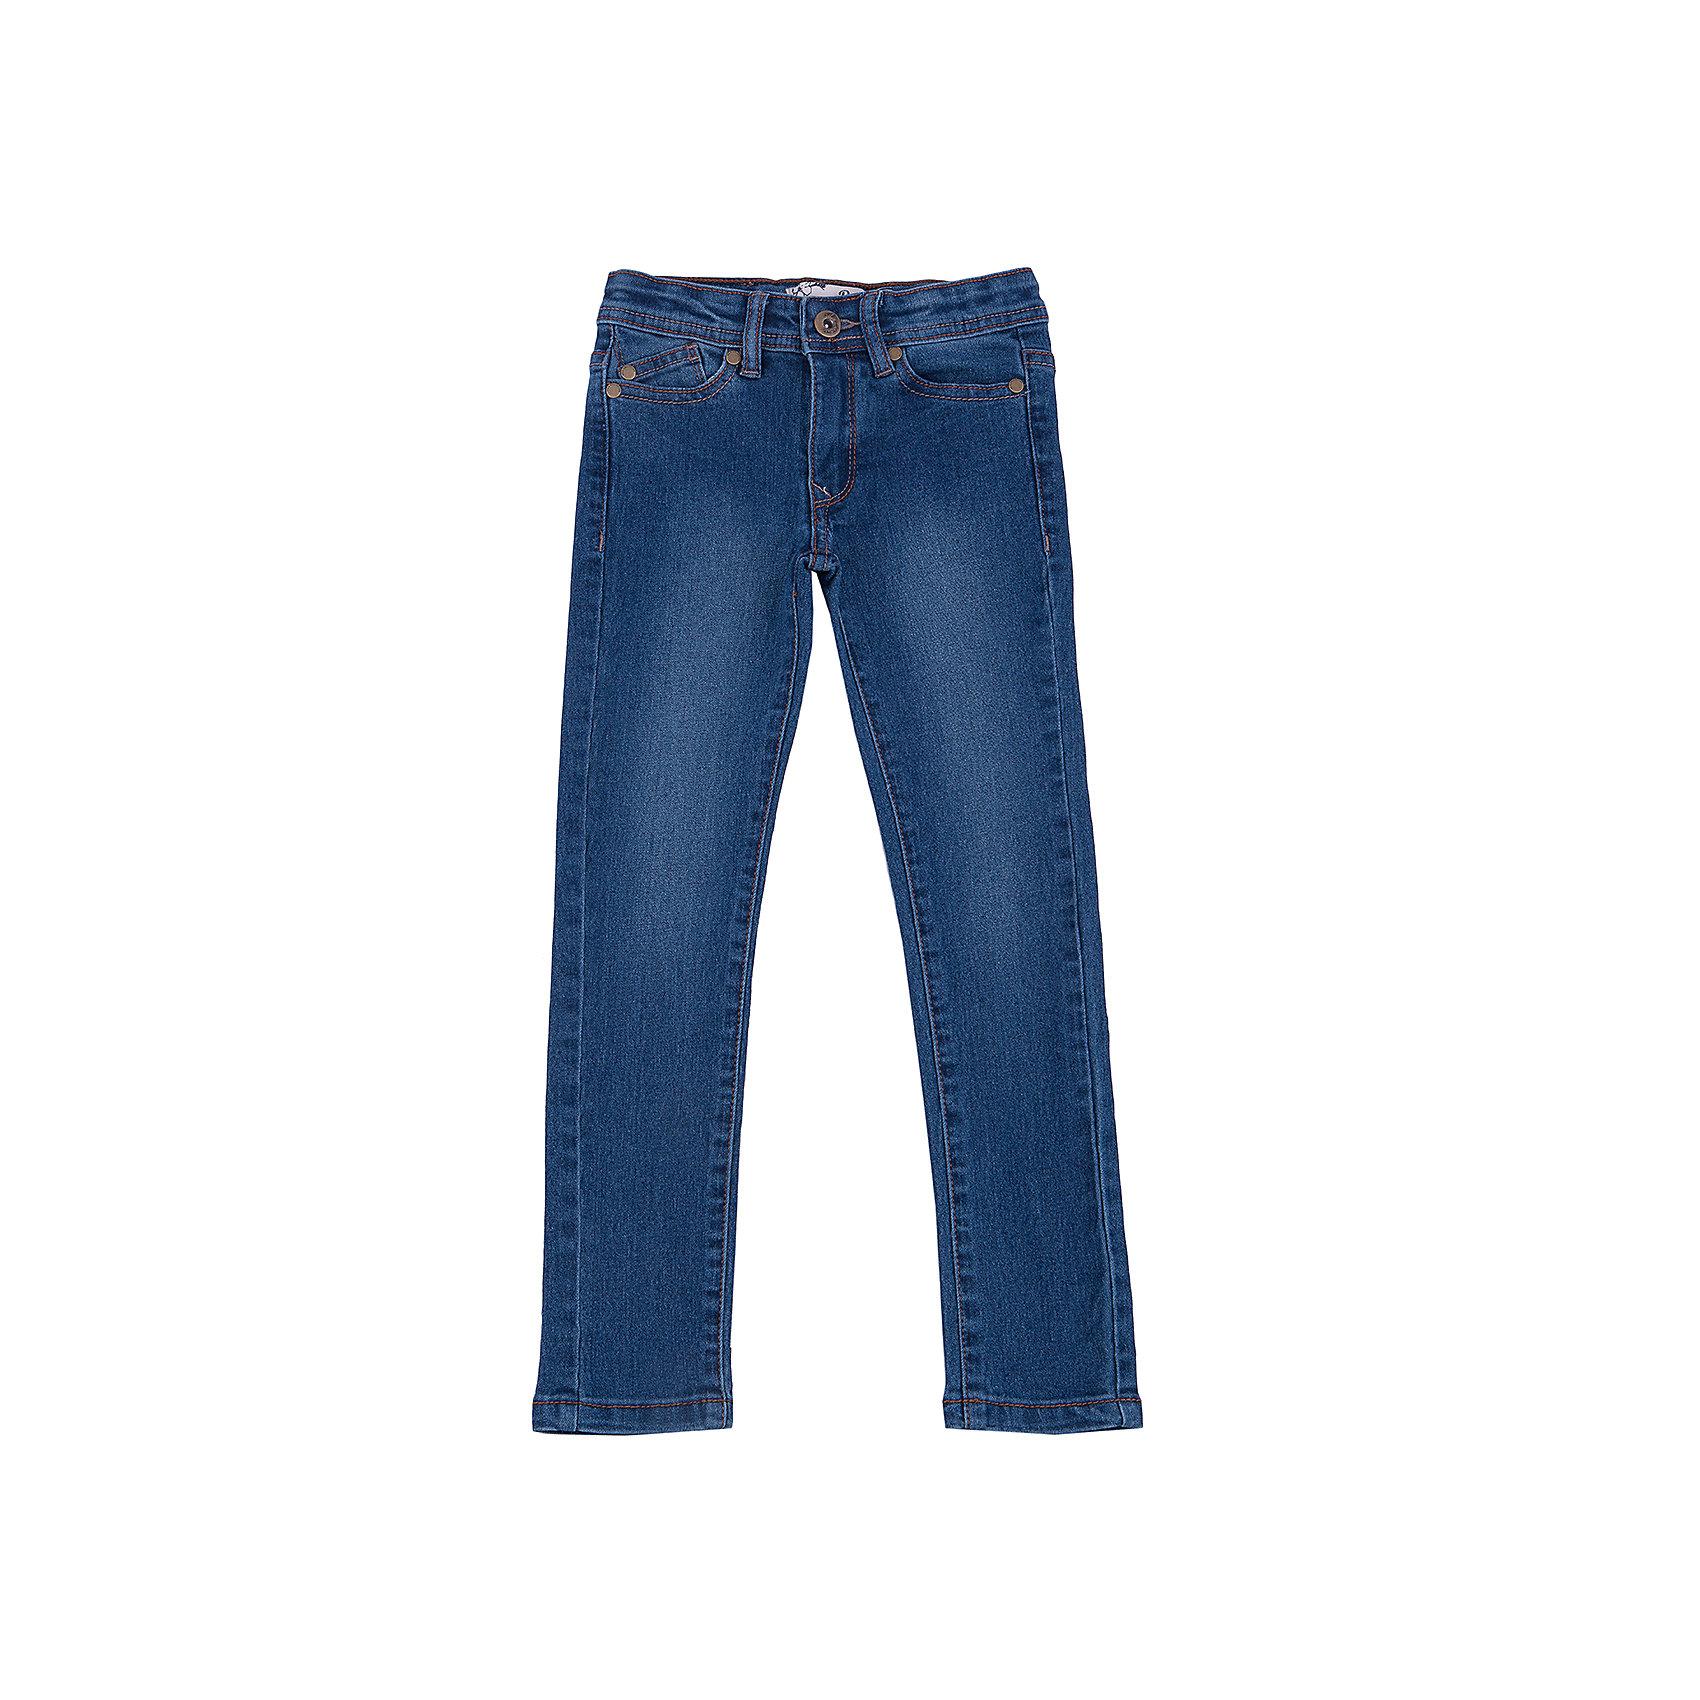 Джинсы для девочки SELAДжинсовая одежда<br>Классические джинсы - незаменимая вещь в детском гардеробе. Эта модель отлично сидит на ребенке, она сшита из плотного материала, натуральный хлопок не вызывает аллергии и обеспечивает ребенку комфорт. Модель станет отличной базовой вещью, которая будет уместна в различных сочетаниях.<br>Одежда от бренда Sela (Села) - это качество по приемлемым ценам. Многие российские родители уже оценили преимущества продукции этой компании и всё чаще приобретают одежду и аксессуары Sela.<br><br>Дополнительная информация:<br><br>цвет: синий;<br>материал: 65% хлопок, 33% полиэстер, 2% эластан;<br>плотный материал;<br>классический силуэт.<br><br>Джинсы для девочки от бренда Sela можно купить в нашем интернет-магазине.<br><br>Ширина мм: 215<br>Глубина мм: 88<br>Высота мм: 191<br>Вес г: 336<br>Цвет: синий<br>Возраст от месяцев: 132<br>Возраст до месяцев: 144<br>Пол: Женский<br>Возраст: Детский<br>Размер: 152,116,122,128,134,140,146<br>SKU: 4919445